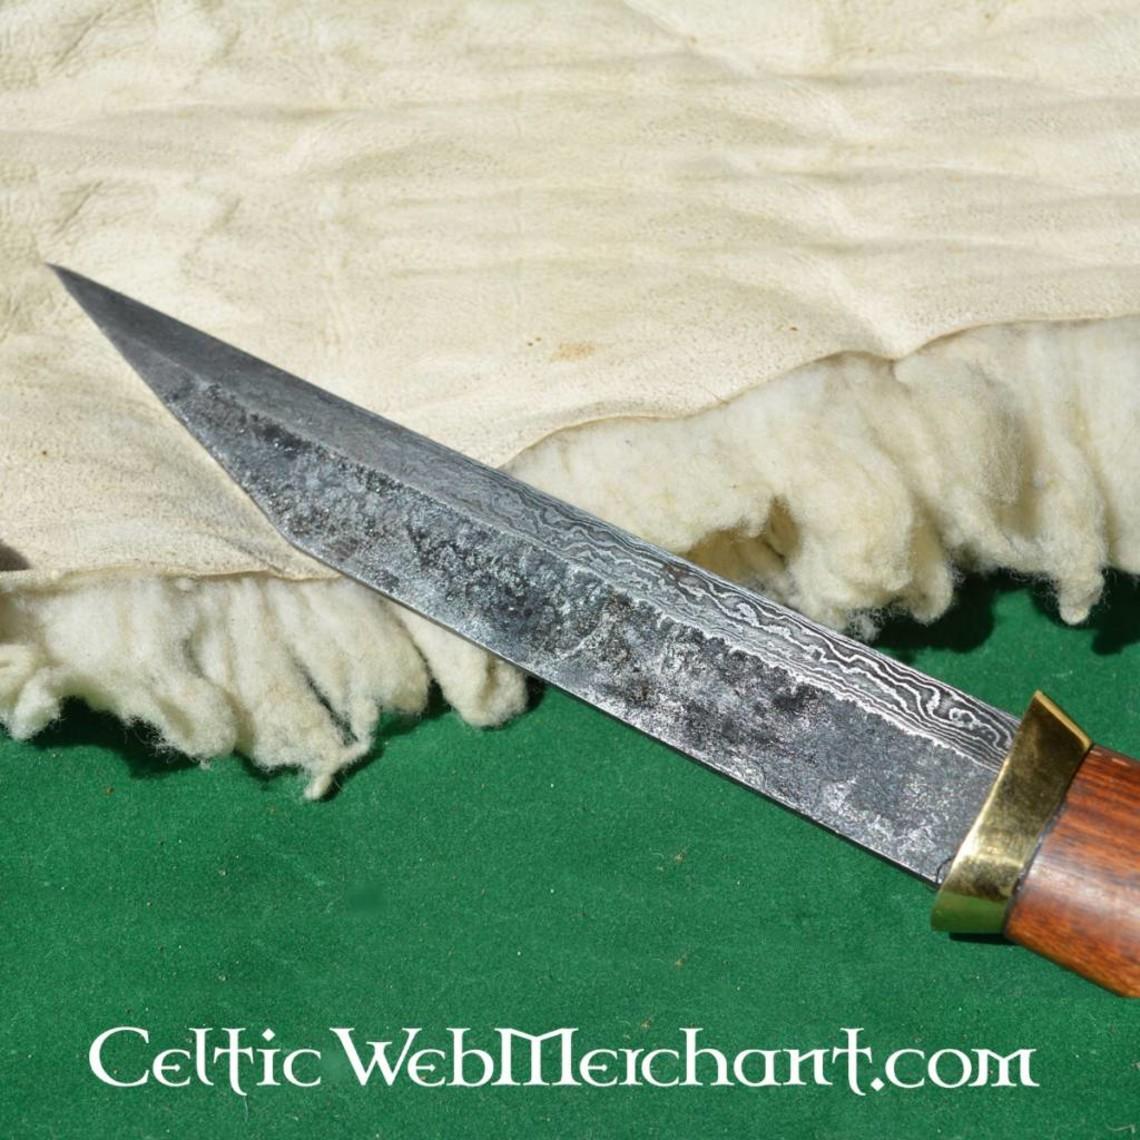 Ulfberth Germaanse kortsax van damascusstaal